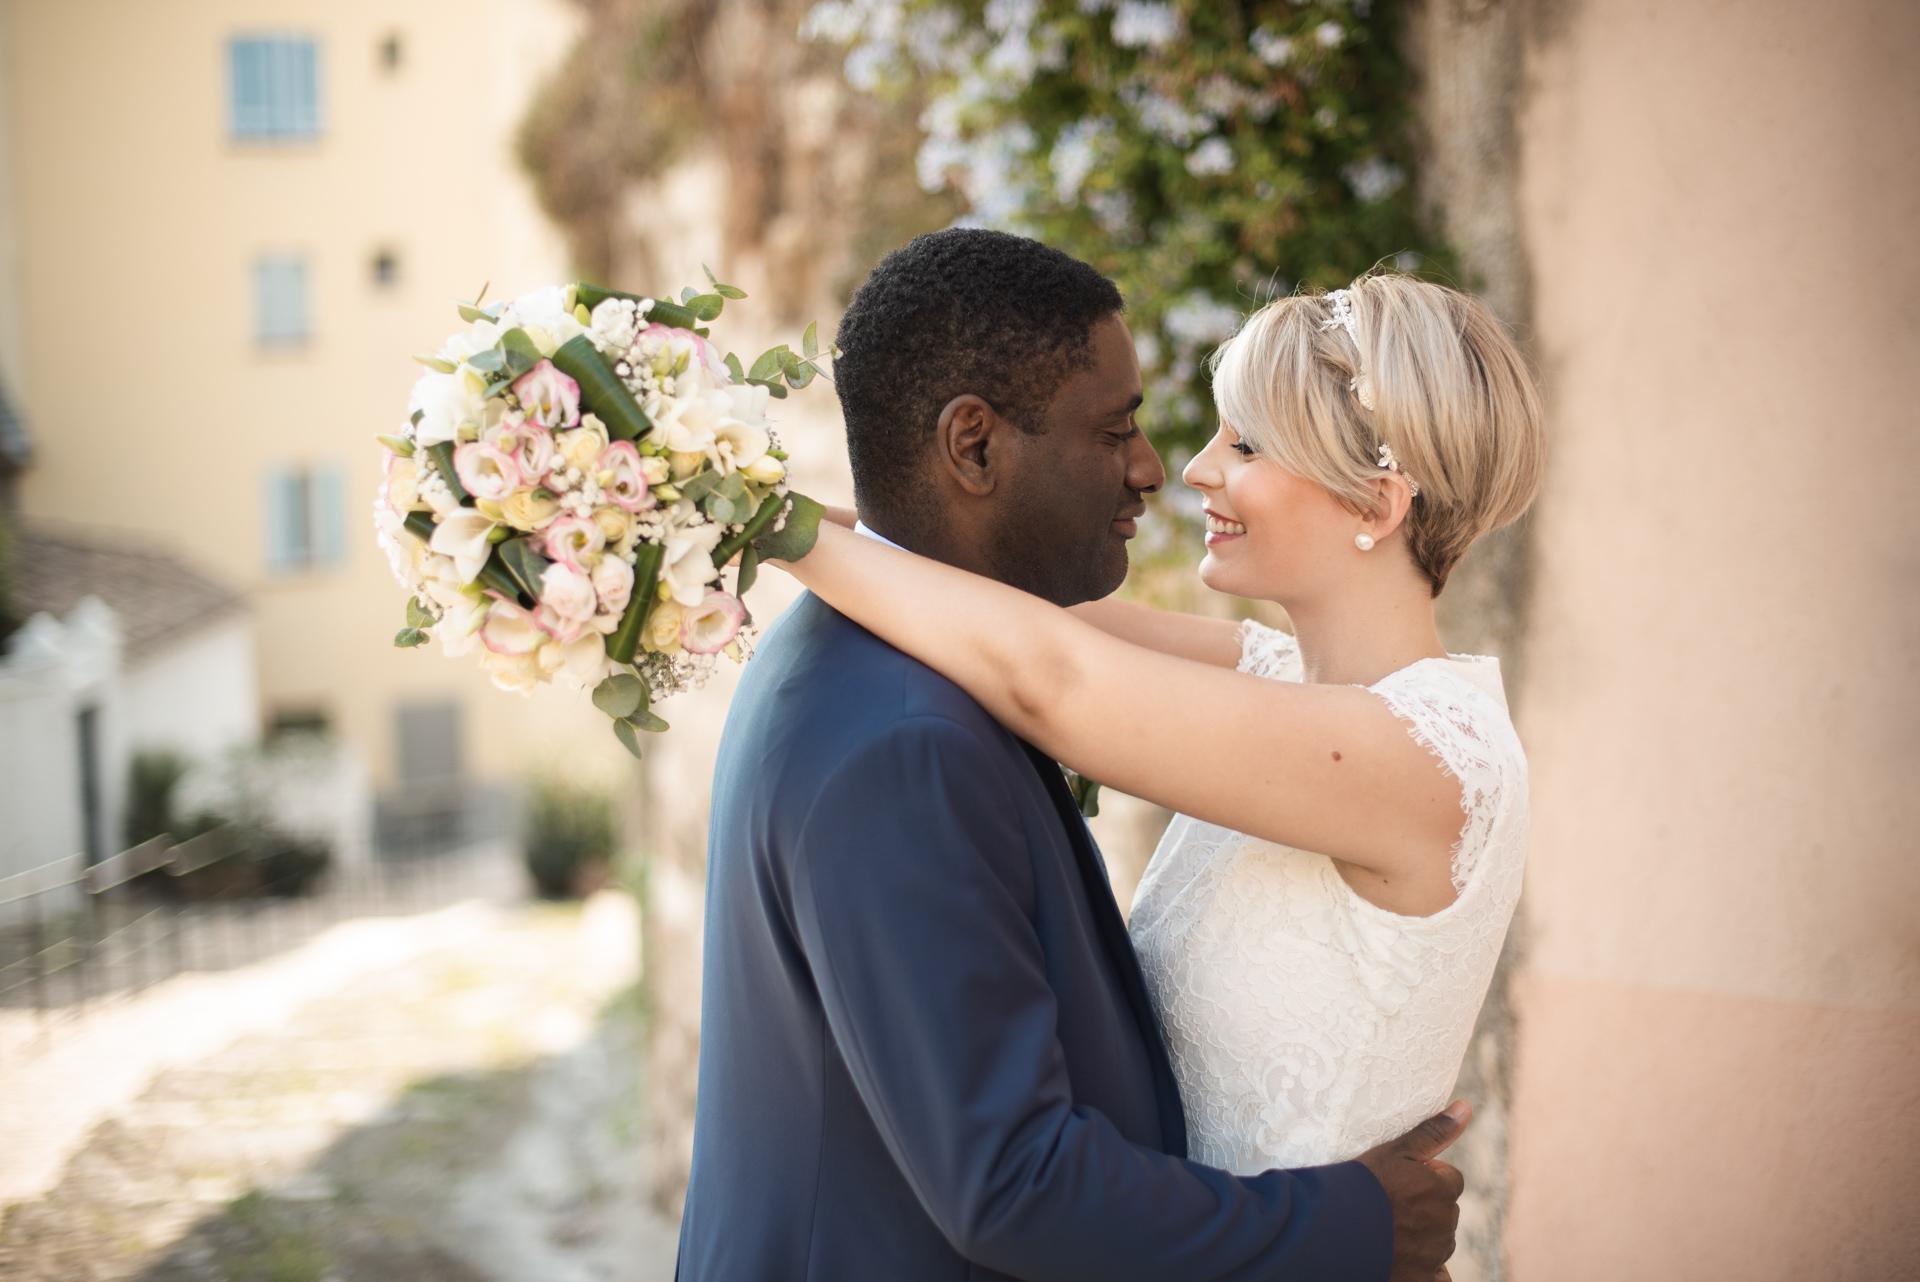 Séance photo de mariage Cagnes-sur-Mer